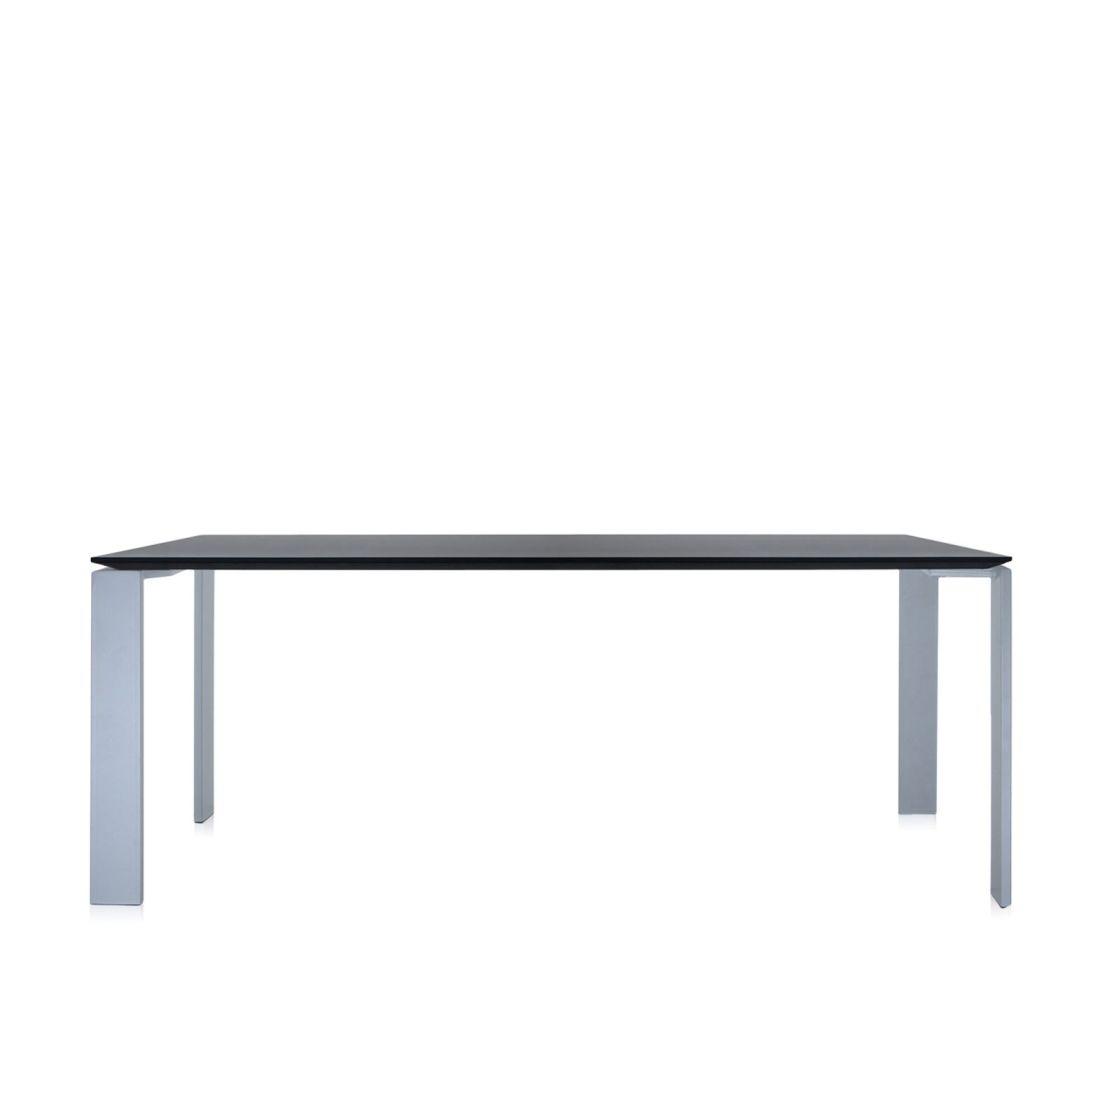 Four Tisch 190 Beine alu, Platte schwarz